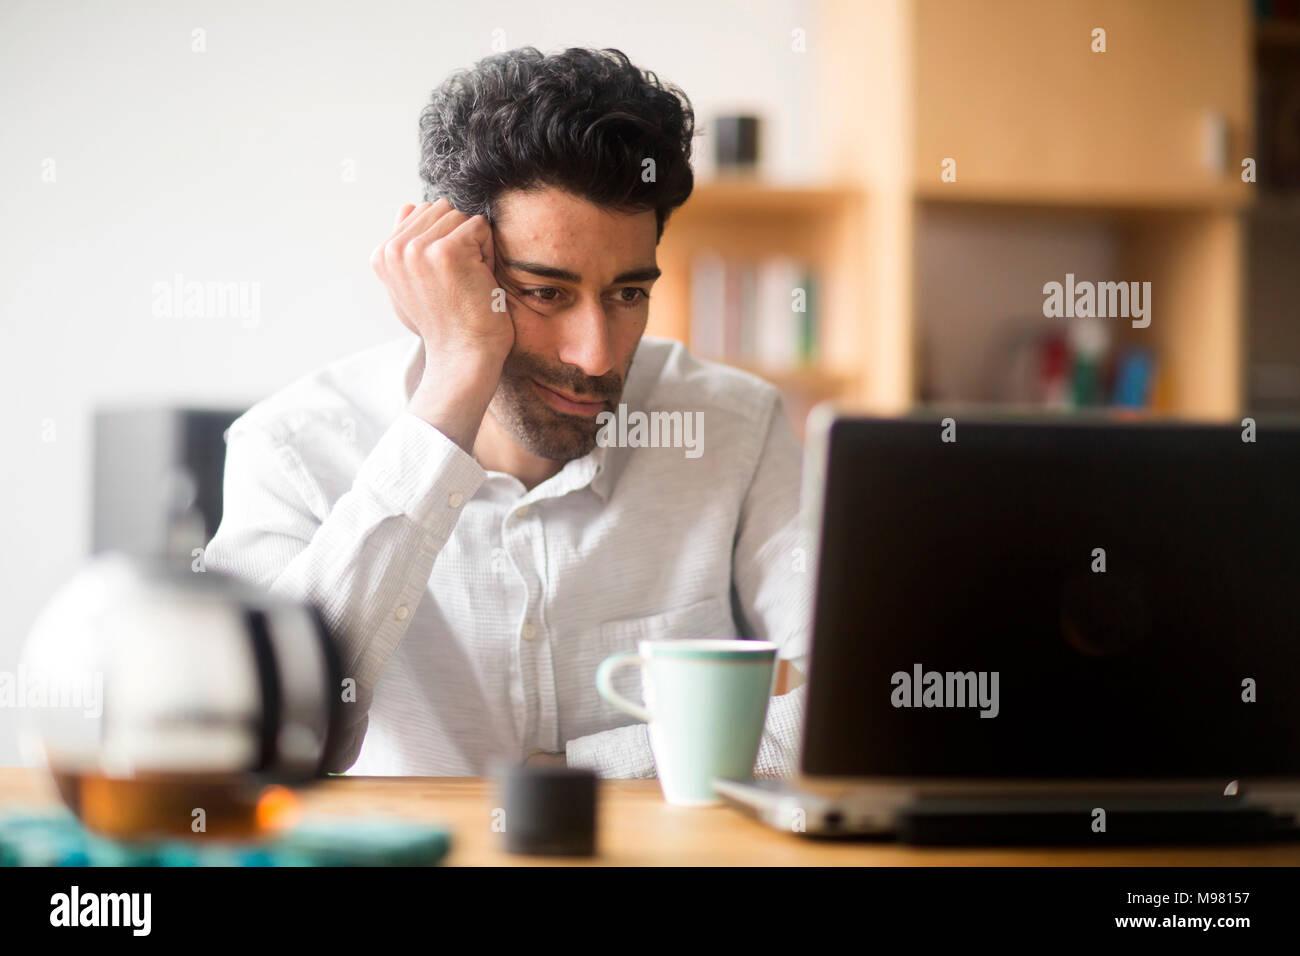 Ritratto di imprenditore al banco guardando al laptop Immagini Stock